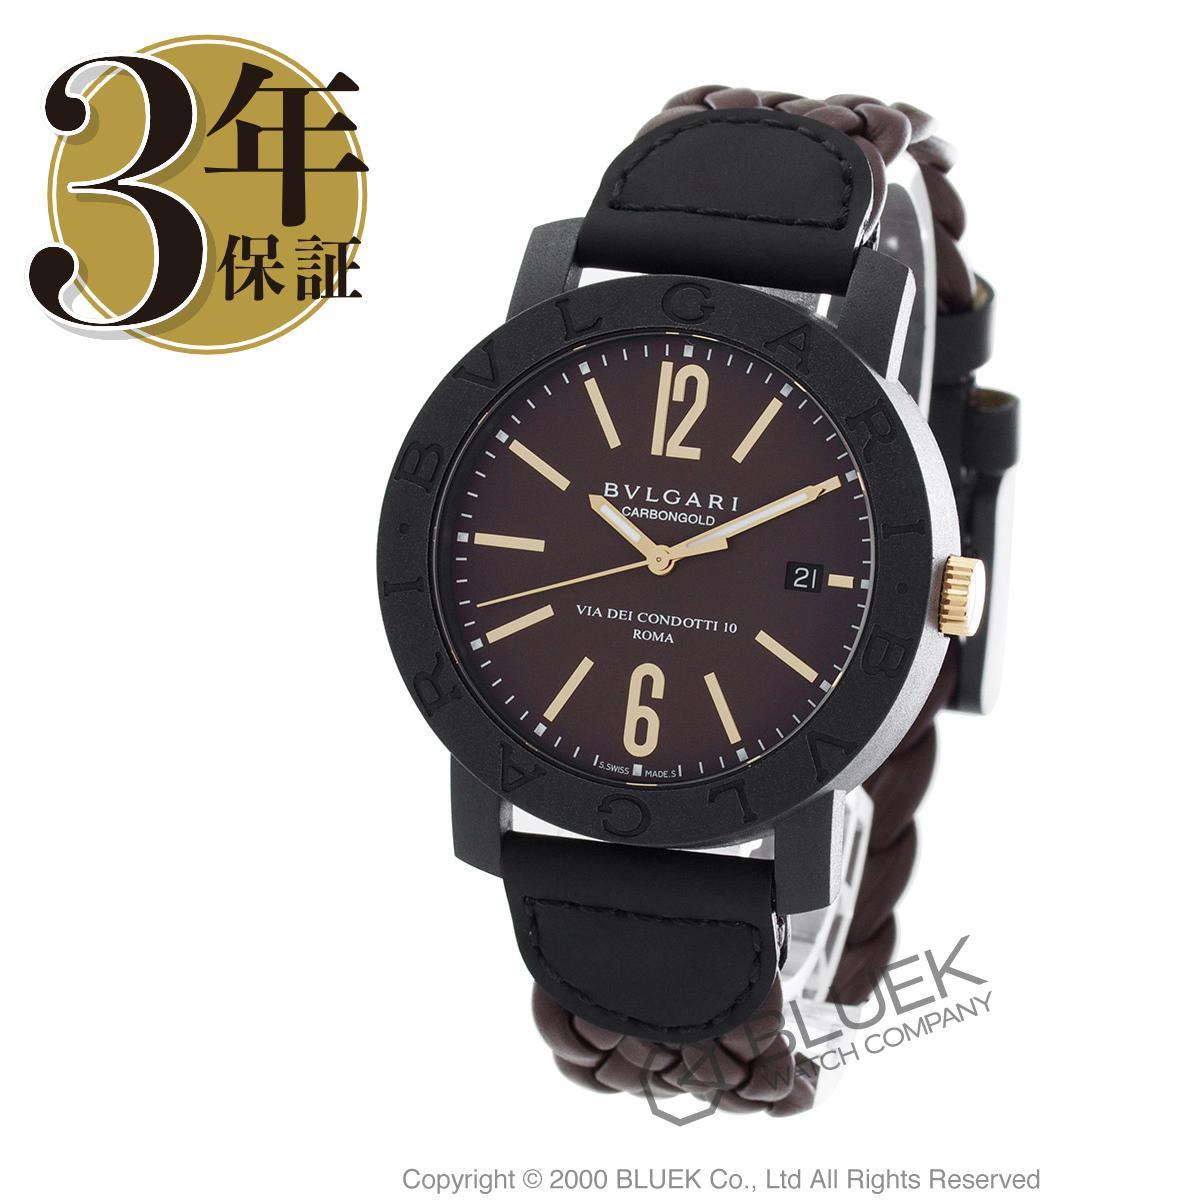 a03851d6e2b6 ブルガリ ブルガリブルガリ カーボンゴールド 腕時計 メンズ BVLGARI BBP40C11CGLD